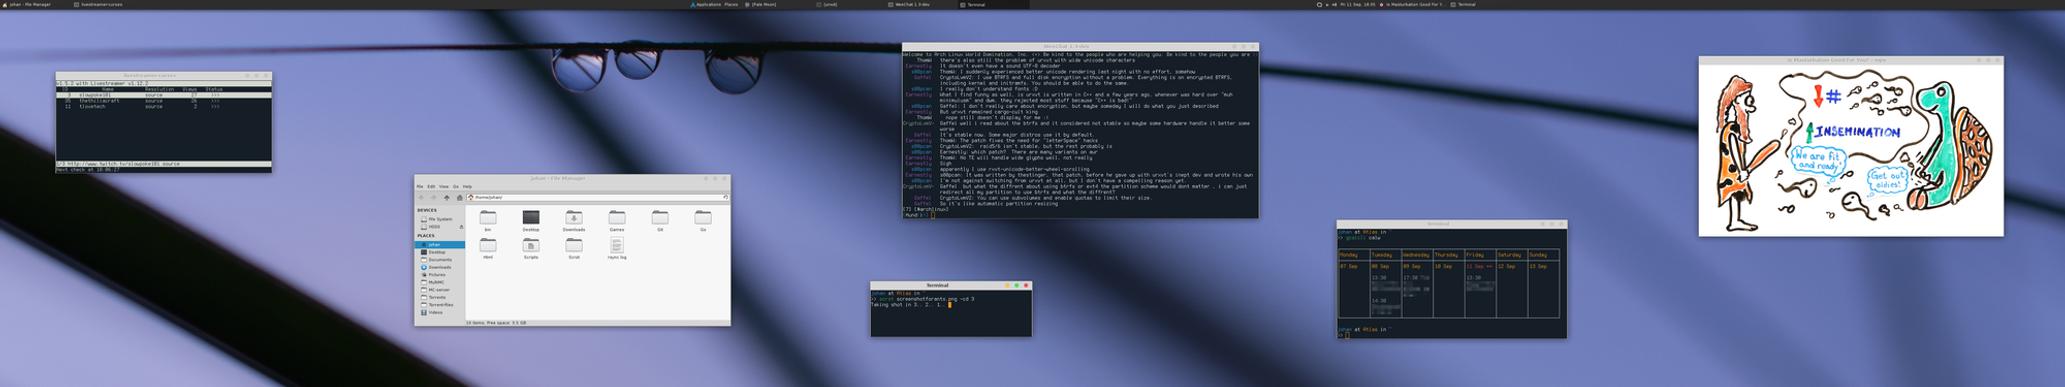 My Desktop - September 2015 by hundone